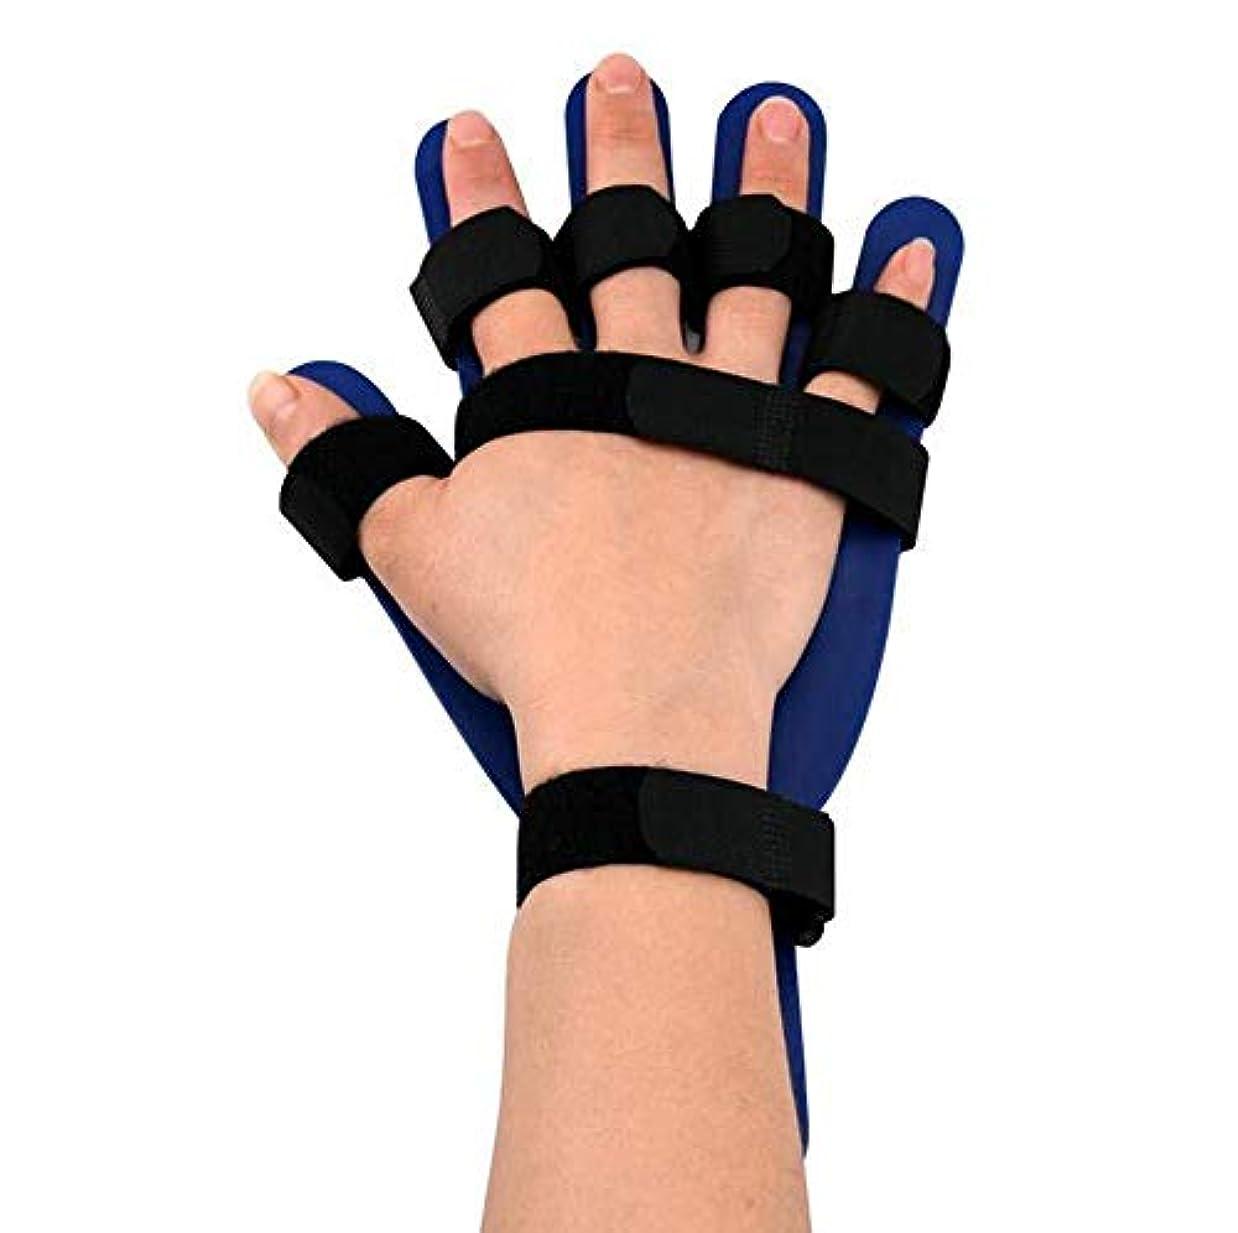 放置自分のサドル親指サポートトリガーフィンガースプリント、右手首スプリントユニセックスフィンガープレート,Right Hand